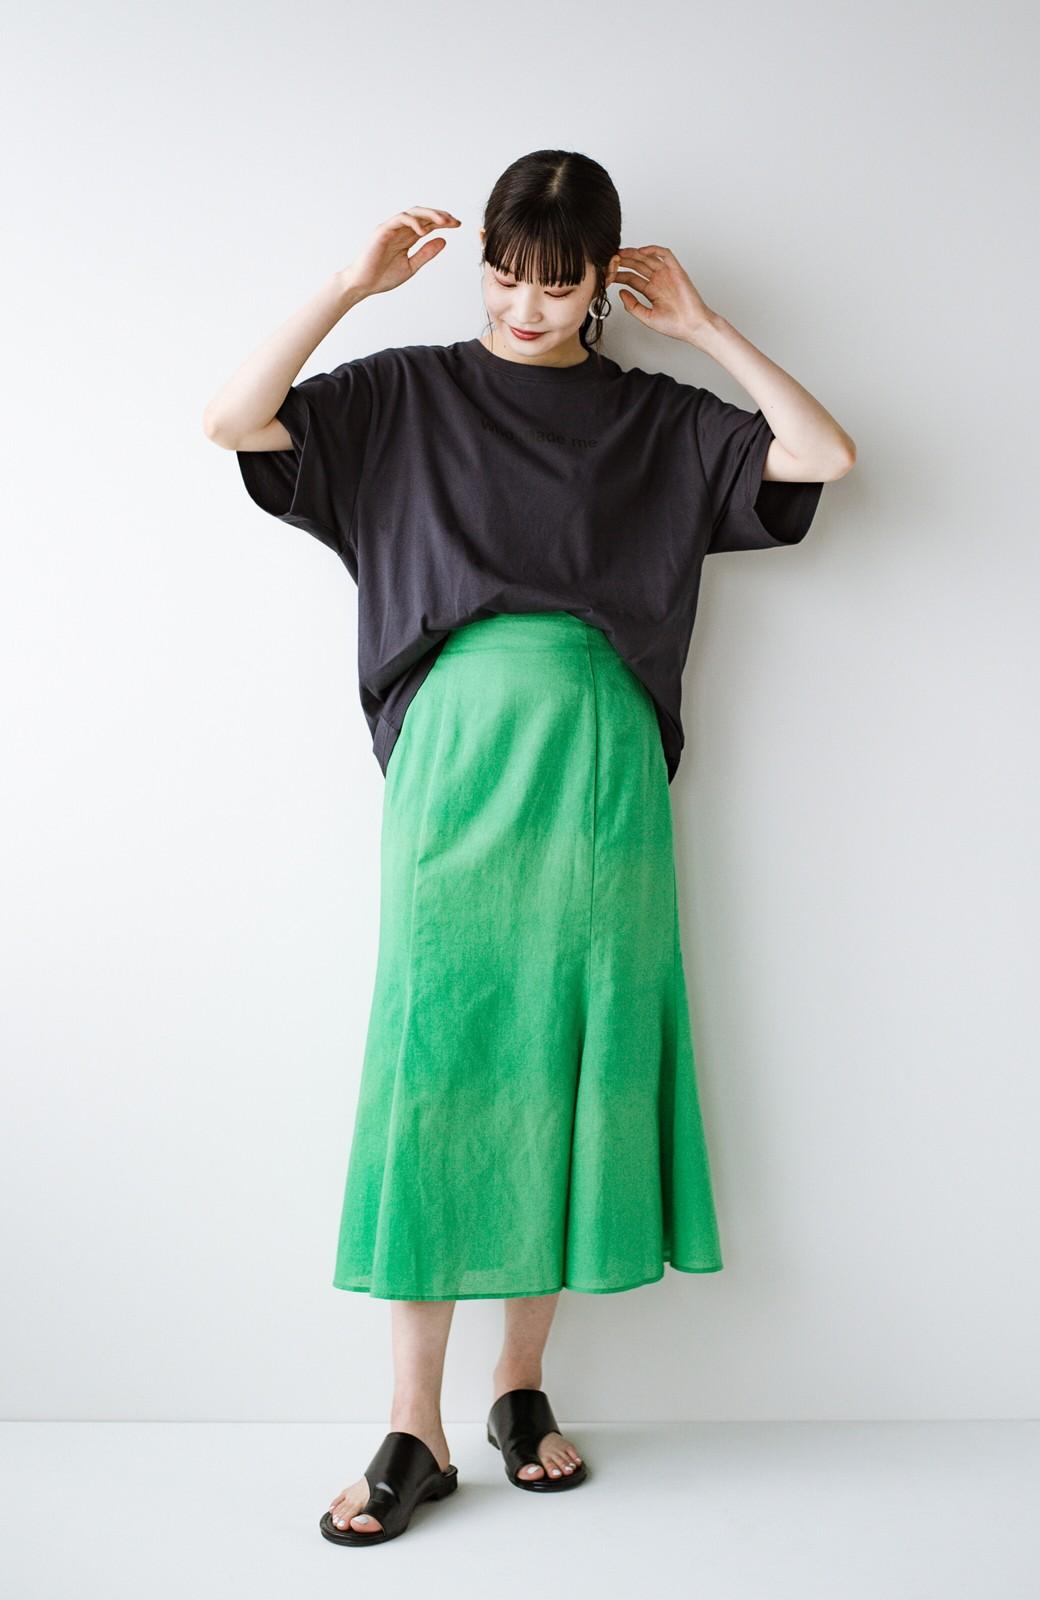 haco! あるかないかで大違い!大人の抜け感を醸し出すさりげなロゴTシャツ by who made me + PBP <チャコールグレー>の商品写真23